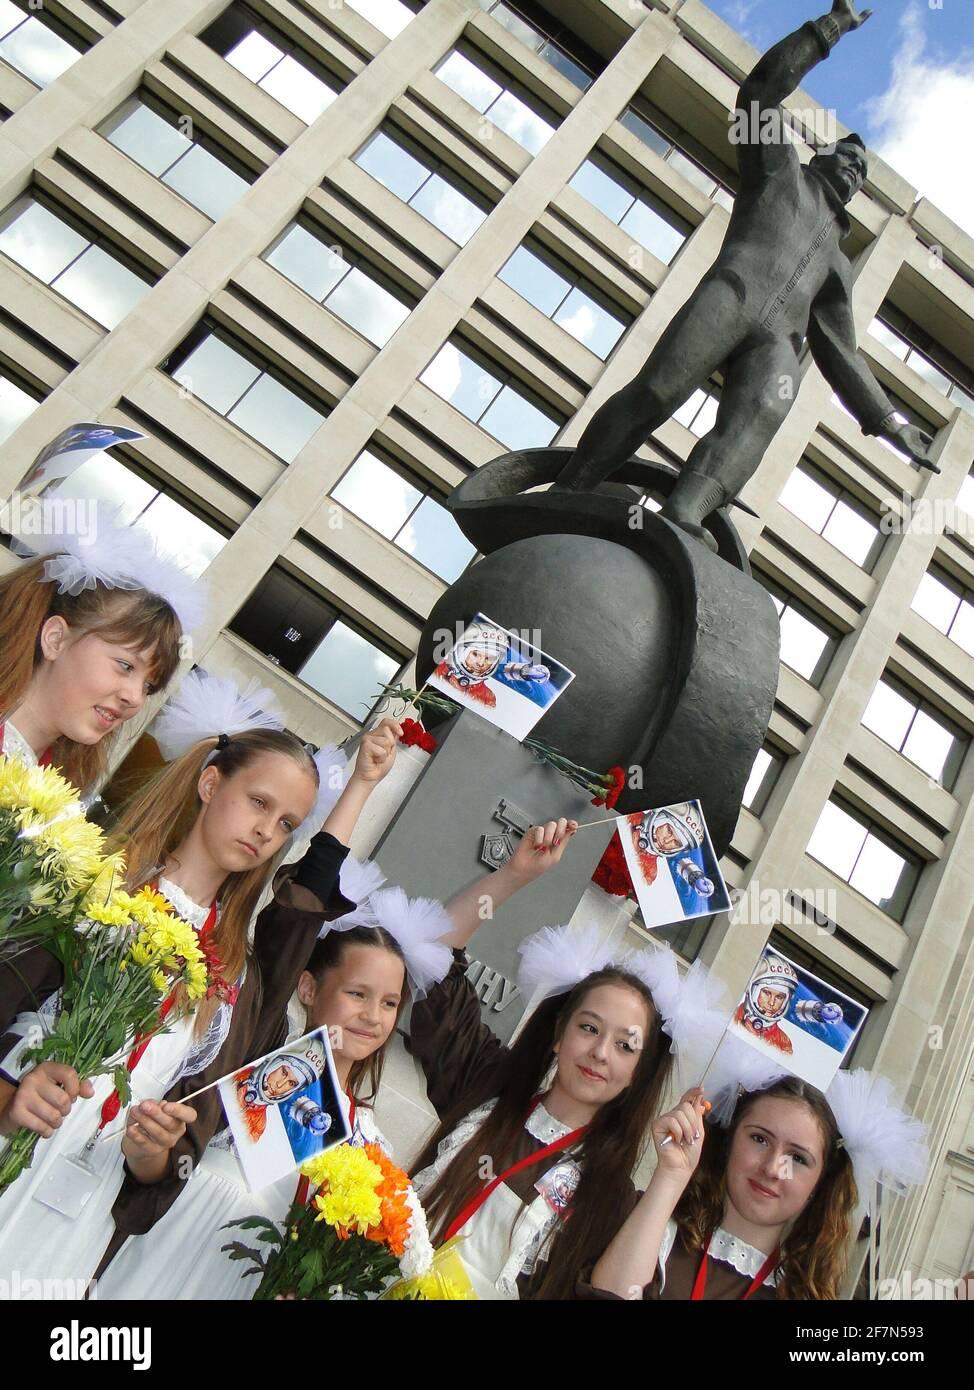 Svelando la statua a Yuri Gagarin, il primo uomo in cosmo presso il British Council Building di Londra, Regno Unito Foto Stock